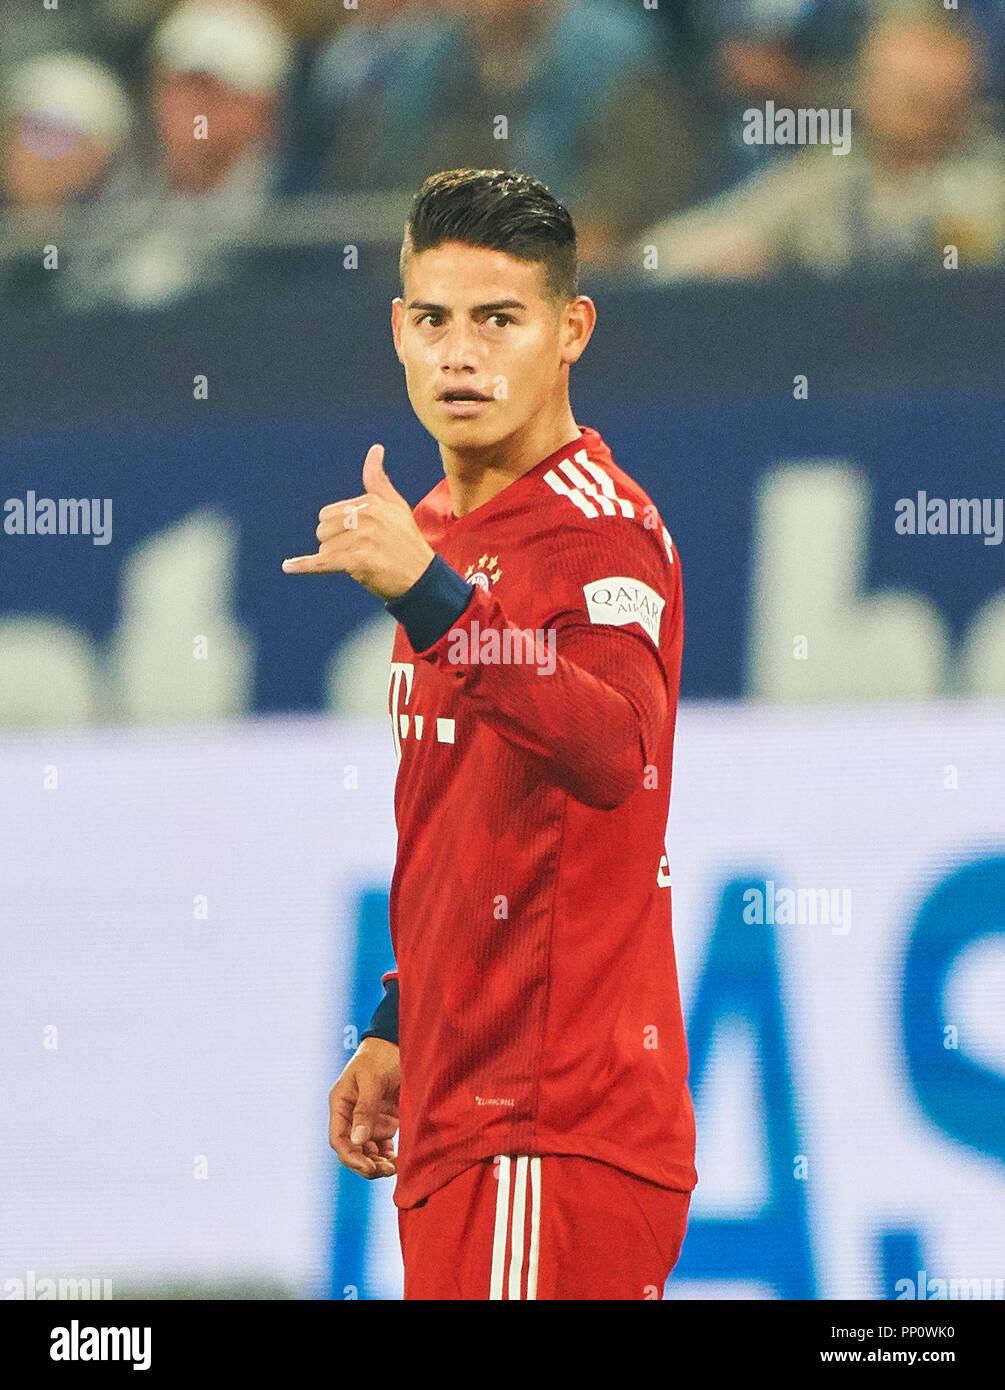 Gelsenkirchen (Germania). 22 settembre 2018. James RODRIGUEZ, FCB 11 celebra il suo obiettivo con 0-1, appendere sciolto segno FC Schalke 04 - FC Bayern Munich - DFL REGOLAMENTI VIETANO QUALSIASI USO DI FOTOGRAFIE come sequenze di immagini e/o quasi-VIDEO - 1.della Lega calcio tedesca , Gelsenkirchen, Settembre 22, 2018, STAGIONE 2018/2019, giornata 4 © Peter Schatz / Alamy Live News Foto Stock